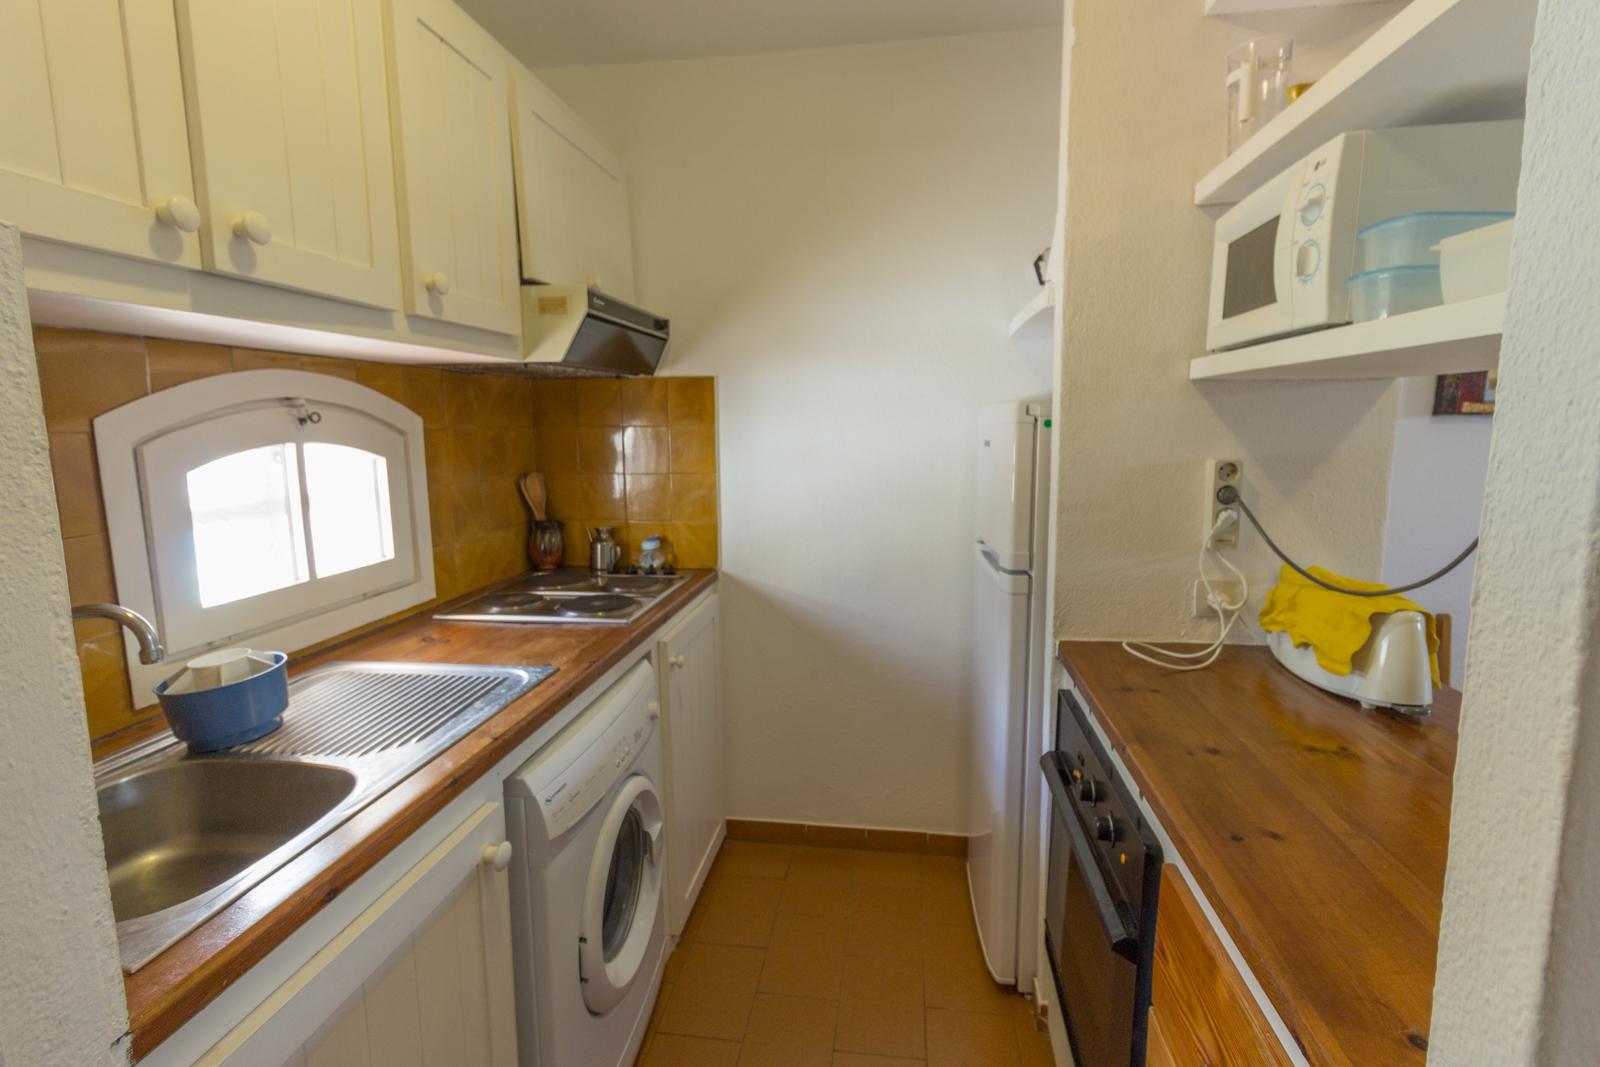 Wohnung in Son Parc Ref: M7728 (2) 6